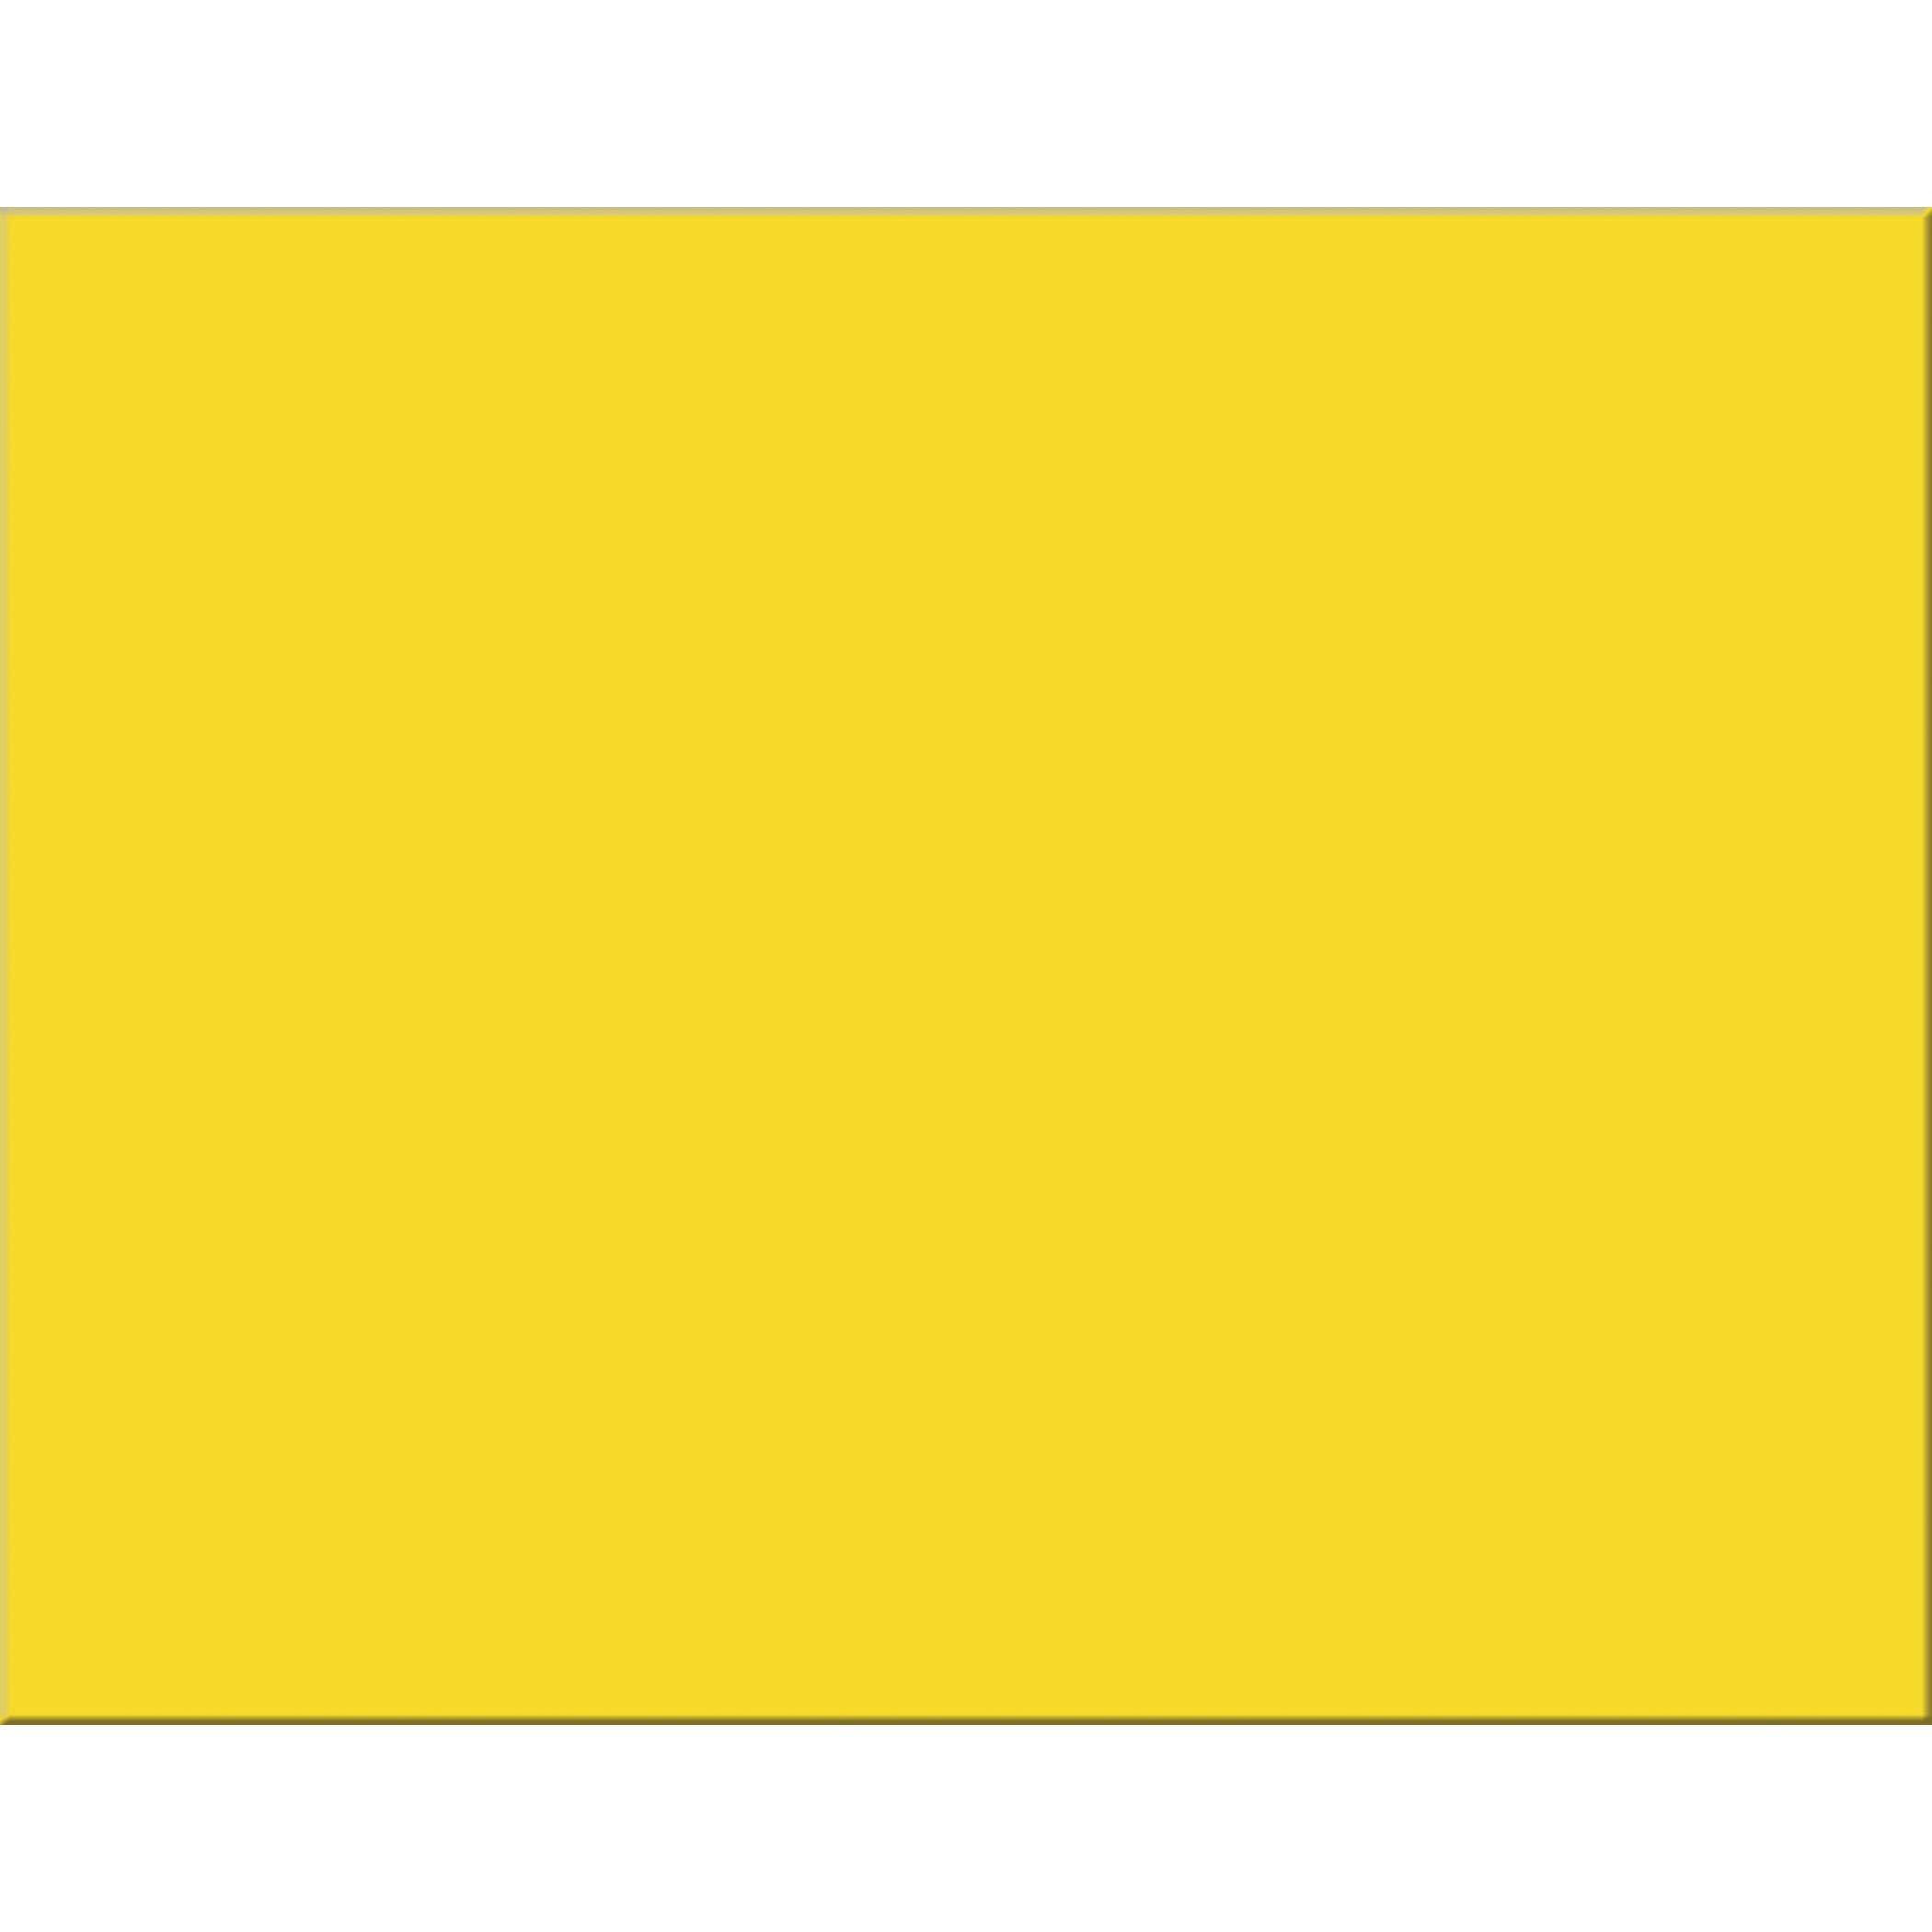 Pacon PAC54721 4-Ply Railroad Board, Lemon Yellow, 22'' x 28'', 25 Sheets